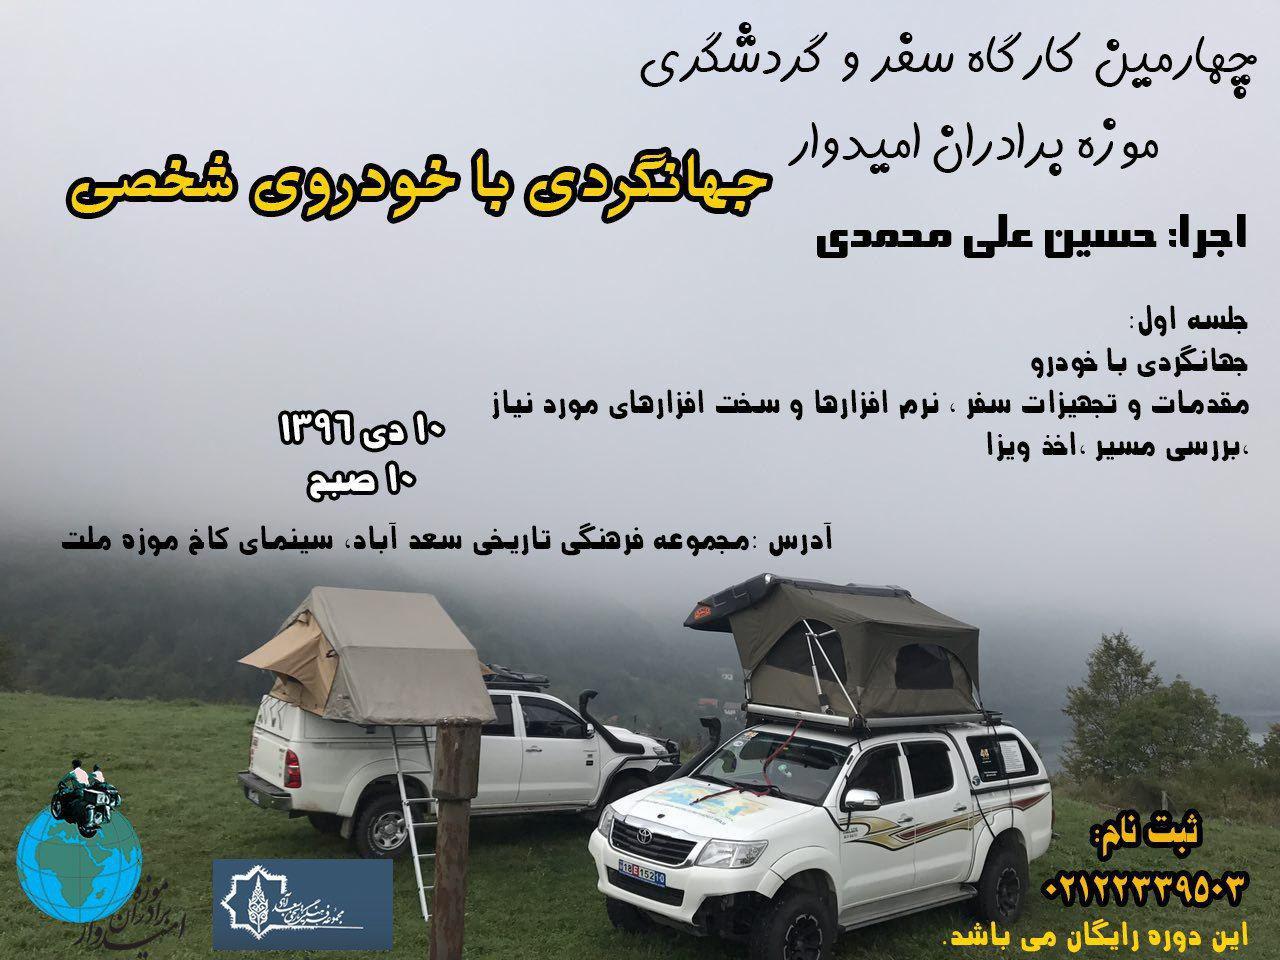 کارگاه  سفر با خودروی شخصی در موزه برادران امیدوار برگزار میشود